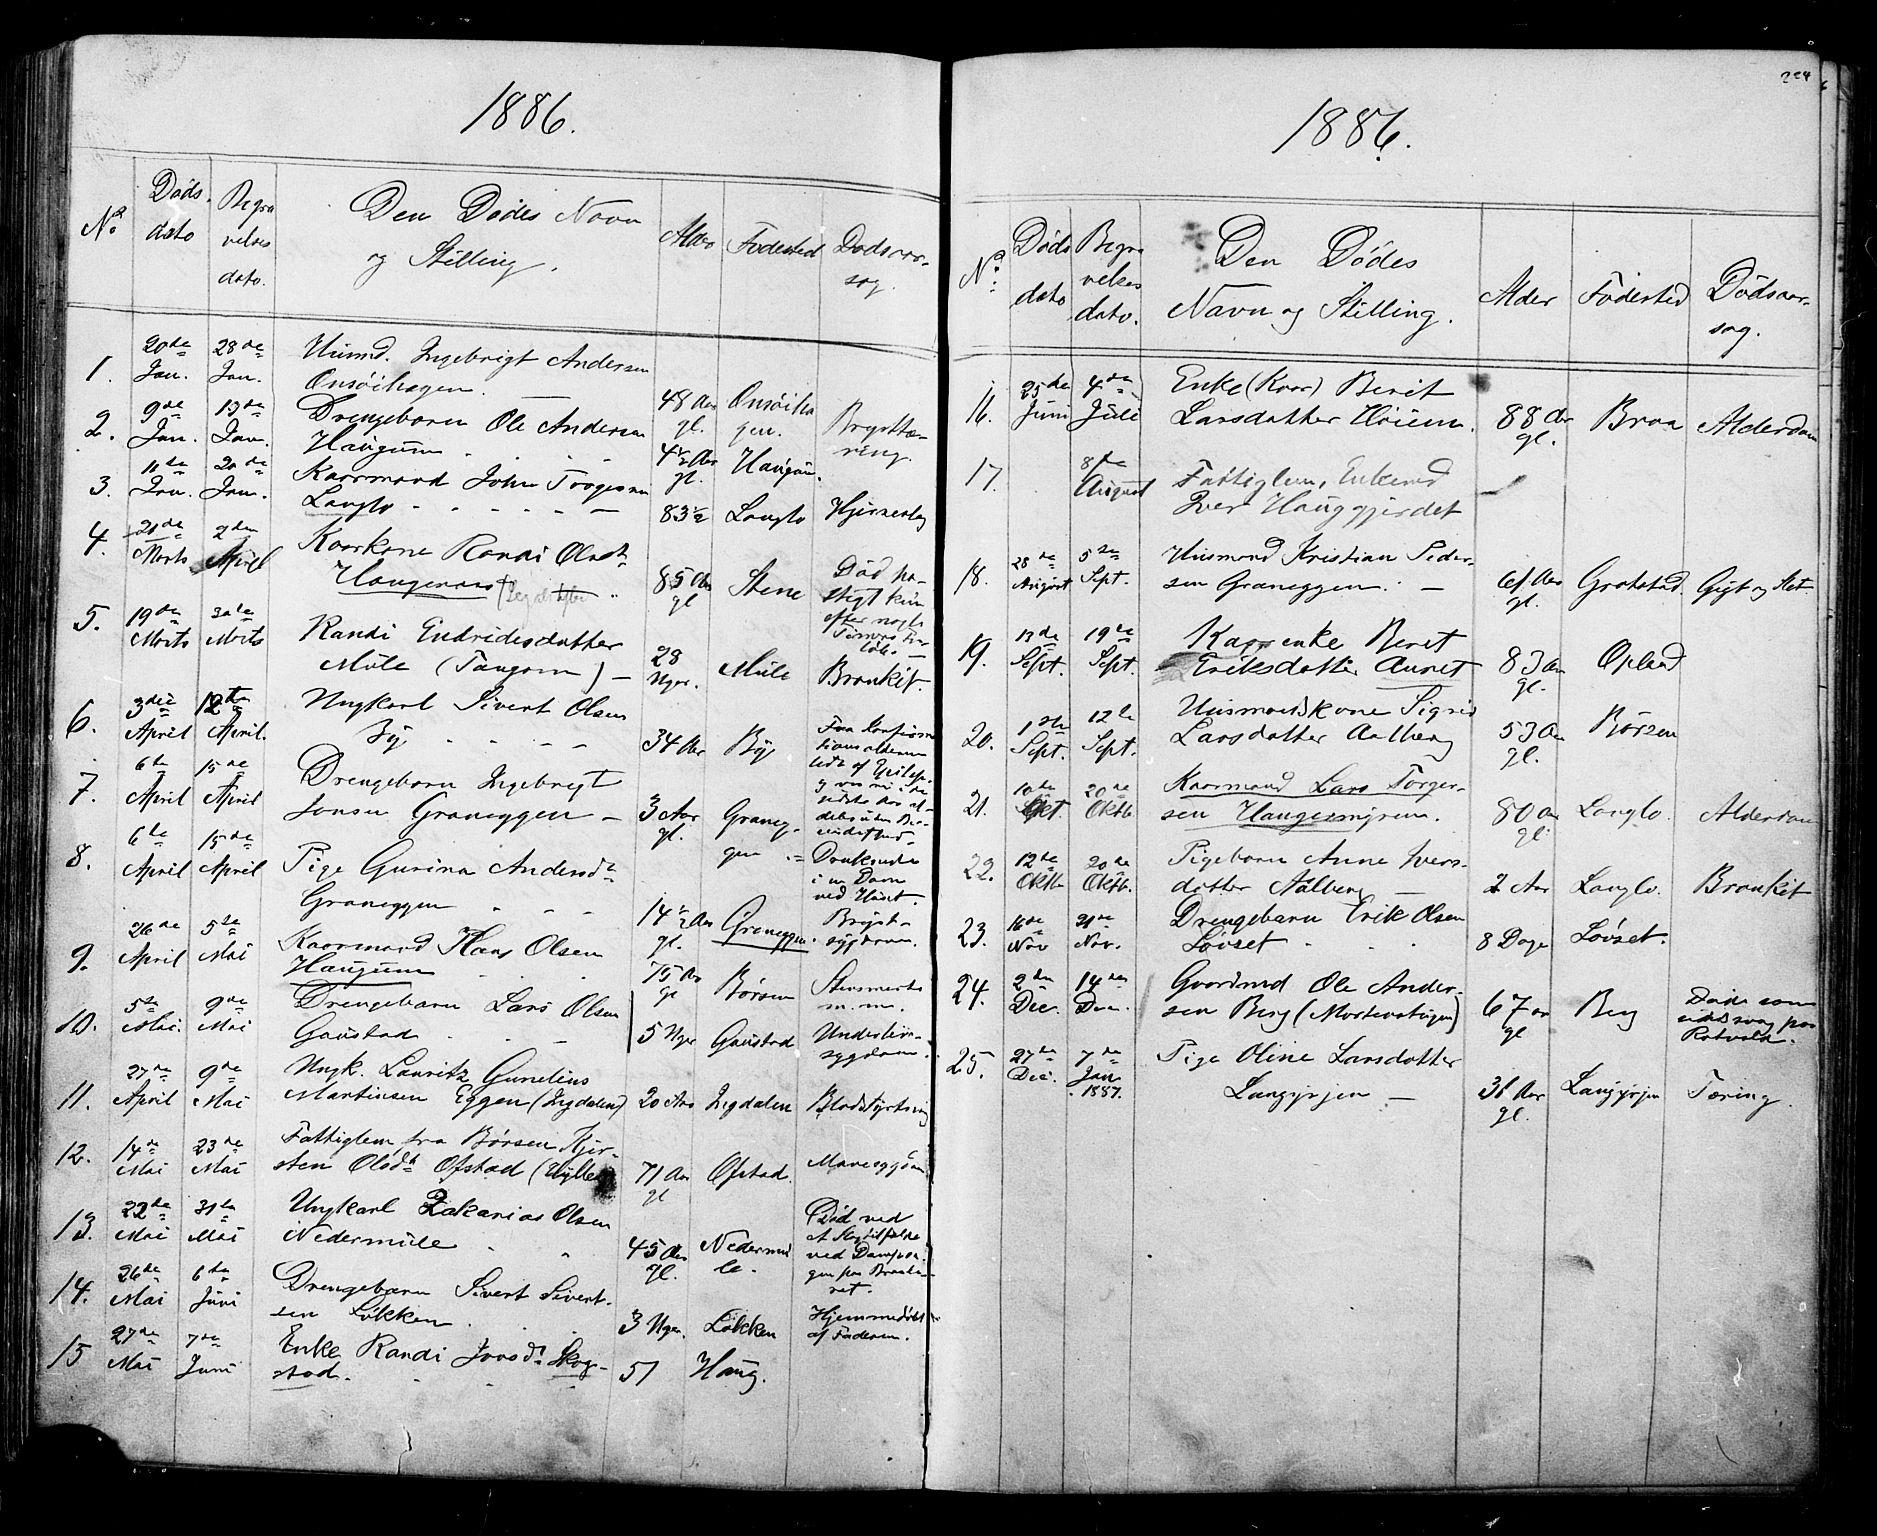 SAT, Ministerialprotokoller, klokkerbøker og fødselsregistre - Sør-Trøndelag, 612/L0387: Klokkerbok nr. 612C03, 1874-1908, s. 224